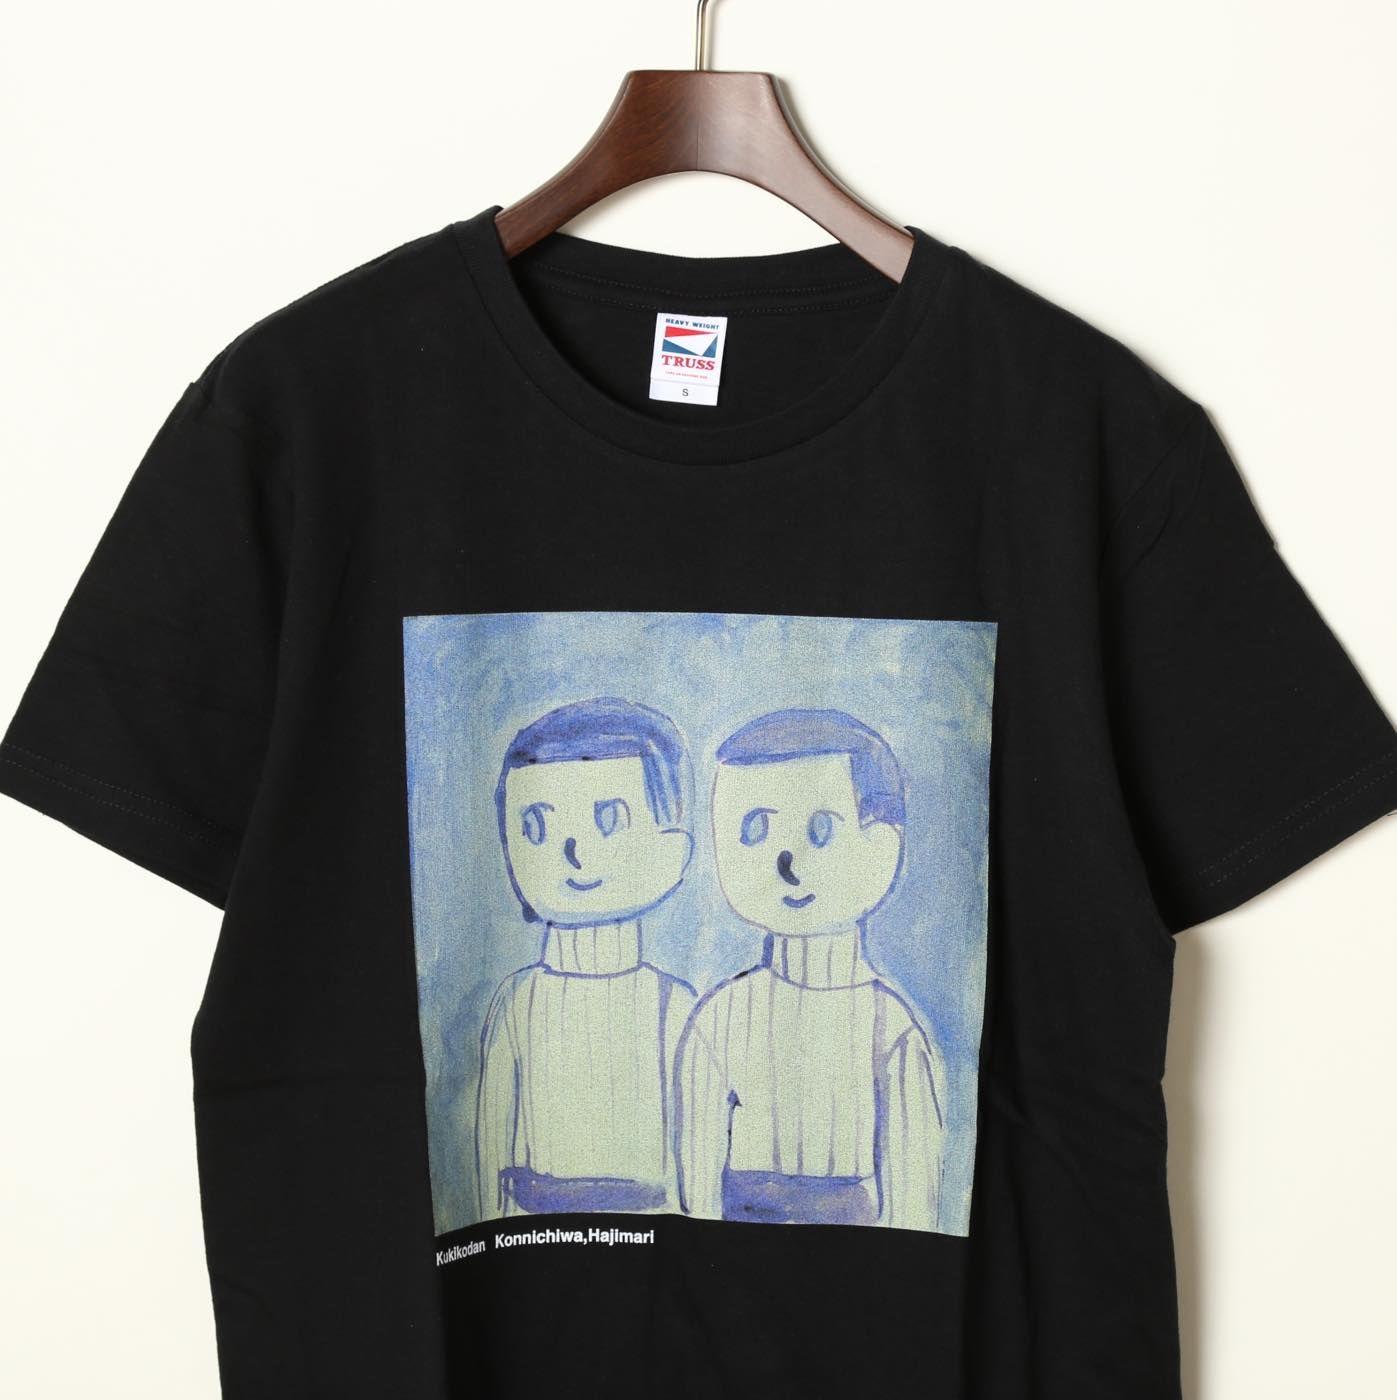 はじまりとおわりTシャツ(黒)